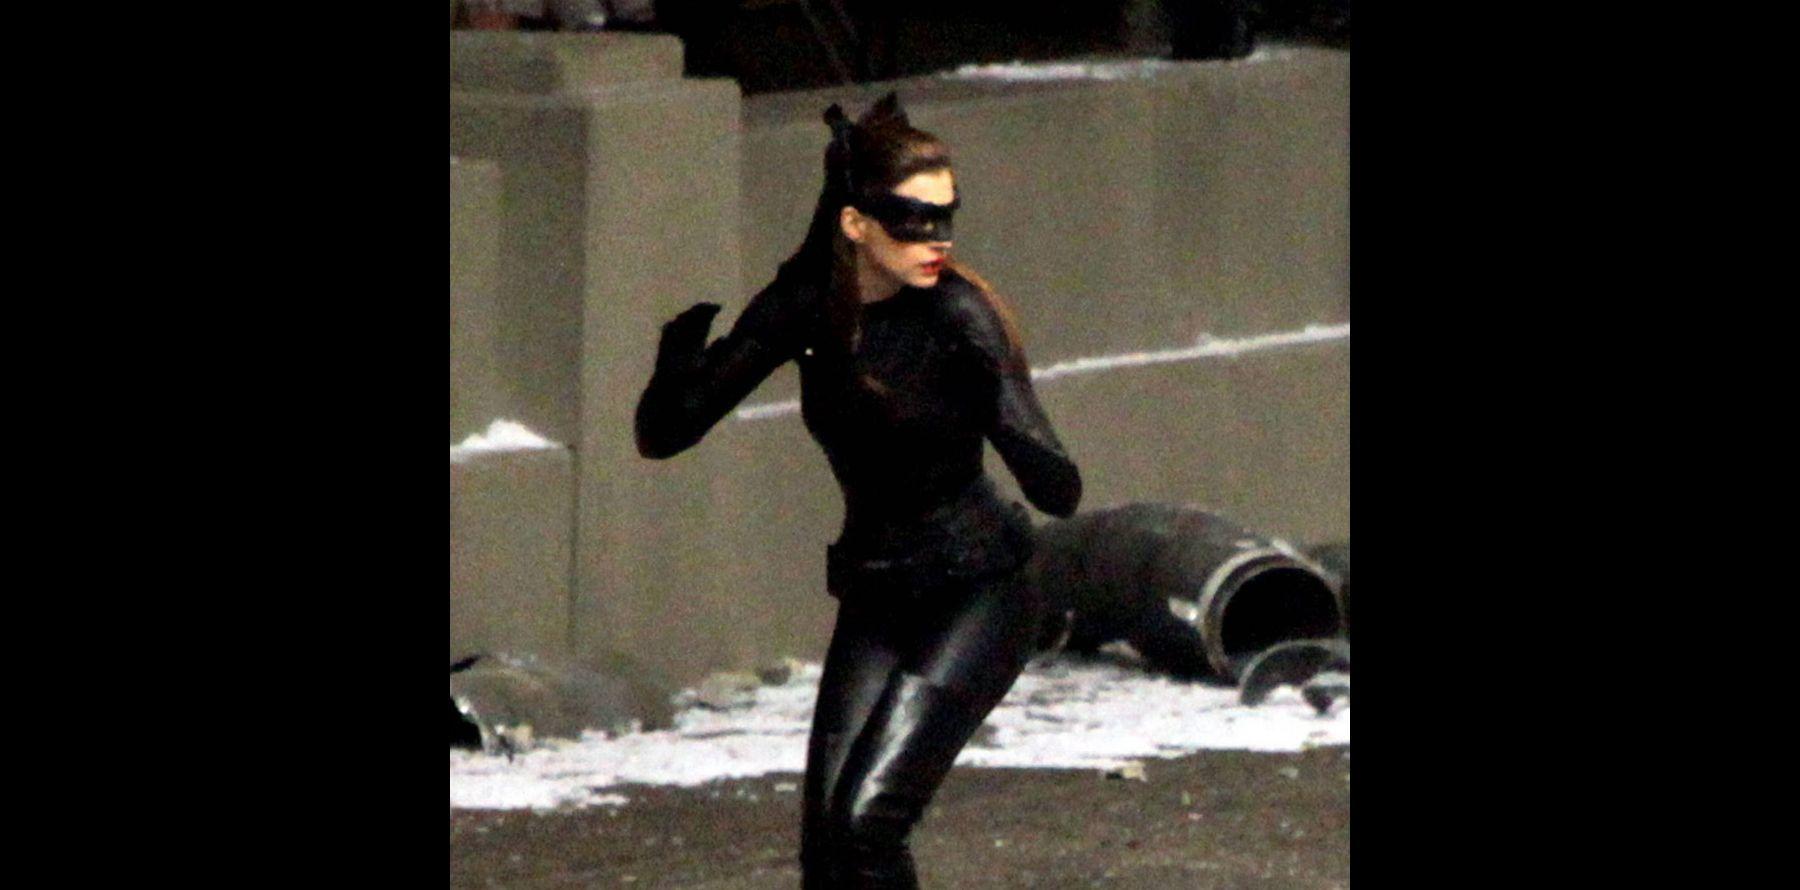 Catwoman: fiche personnage, articles et films sur Catwoman